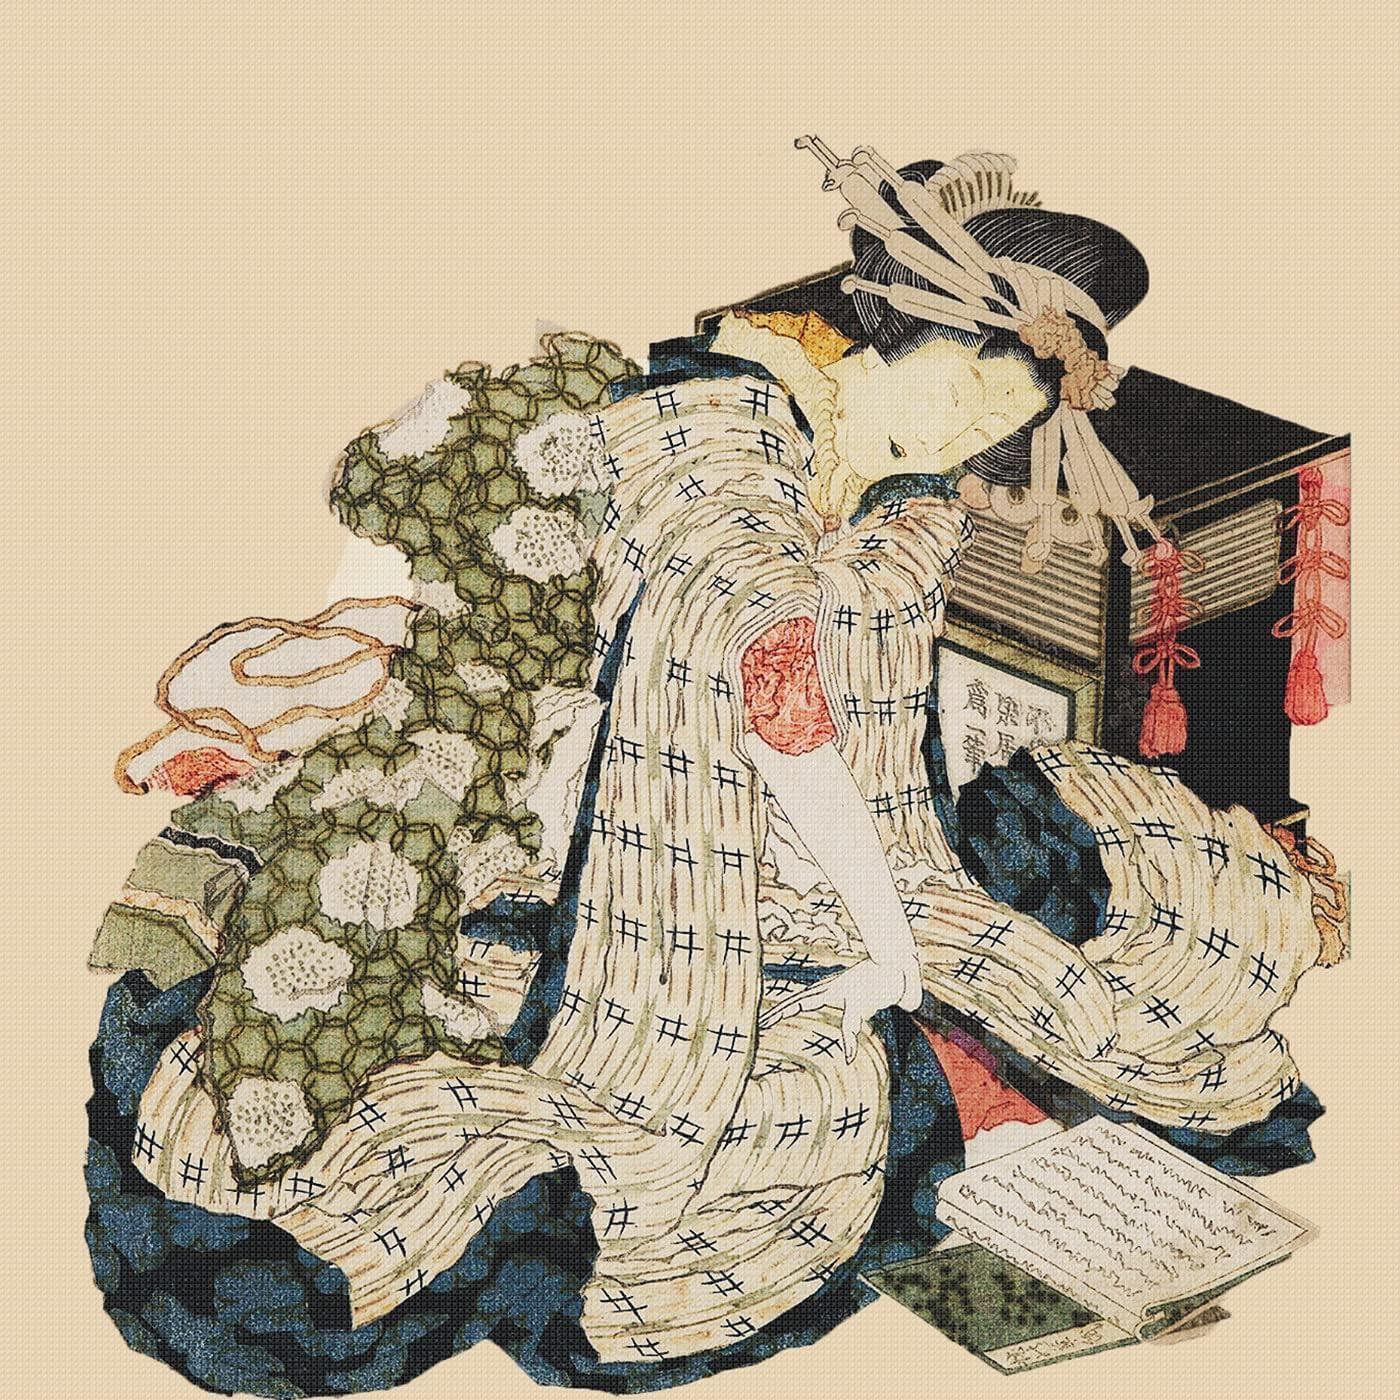 Japanese Hokusai Asian Kimono Woman Fan Counted Cross Stitch Pattern